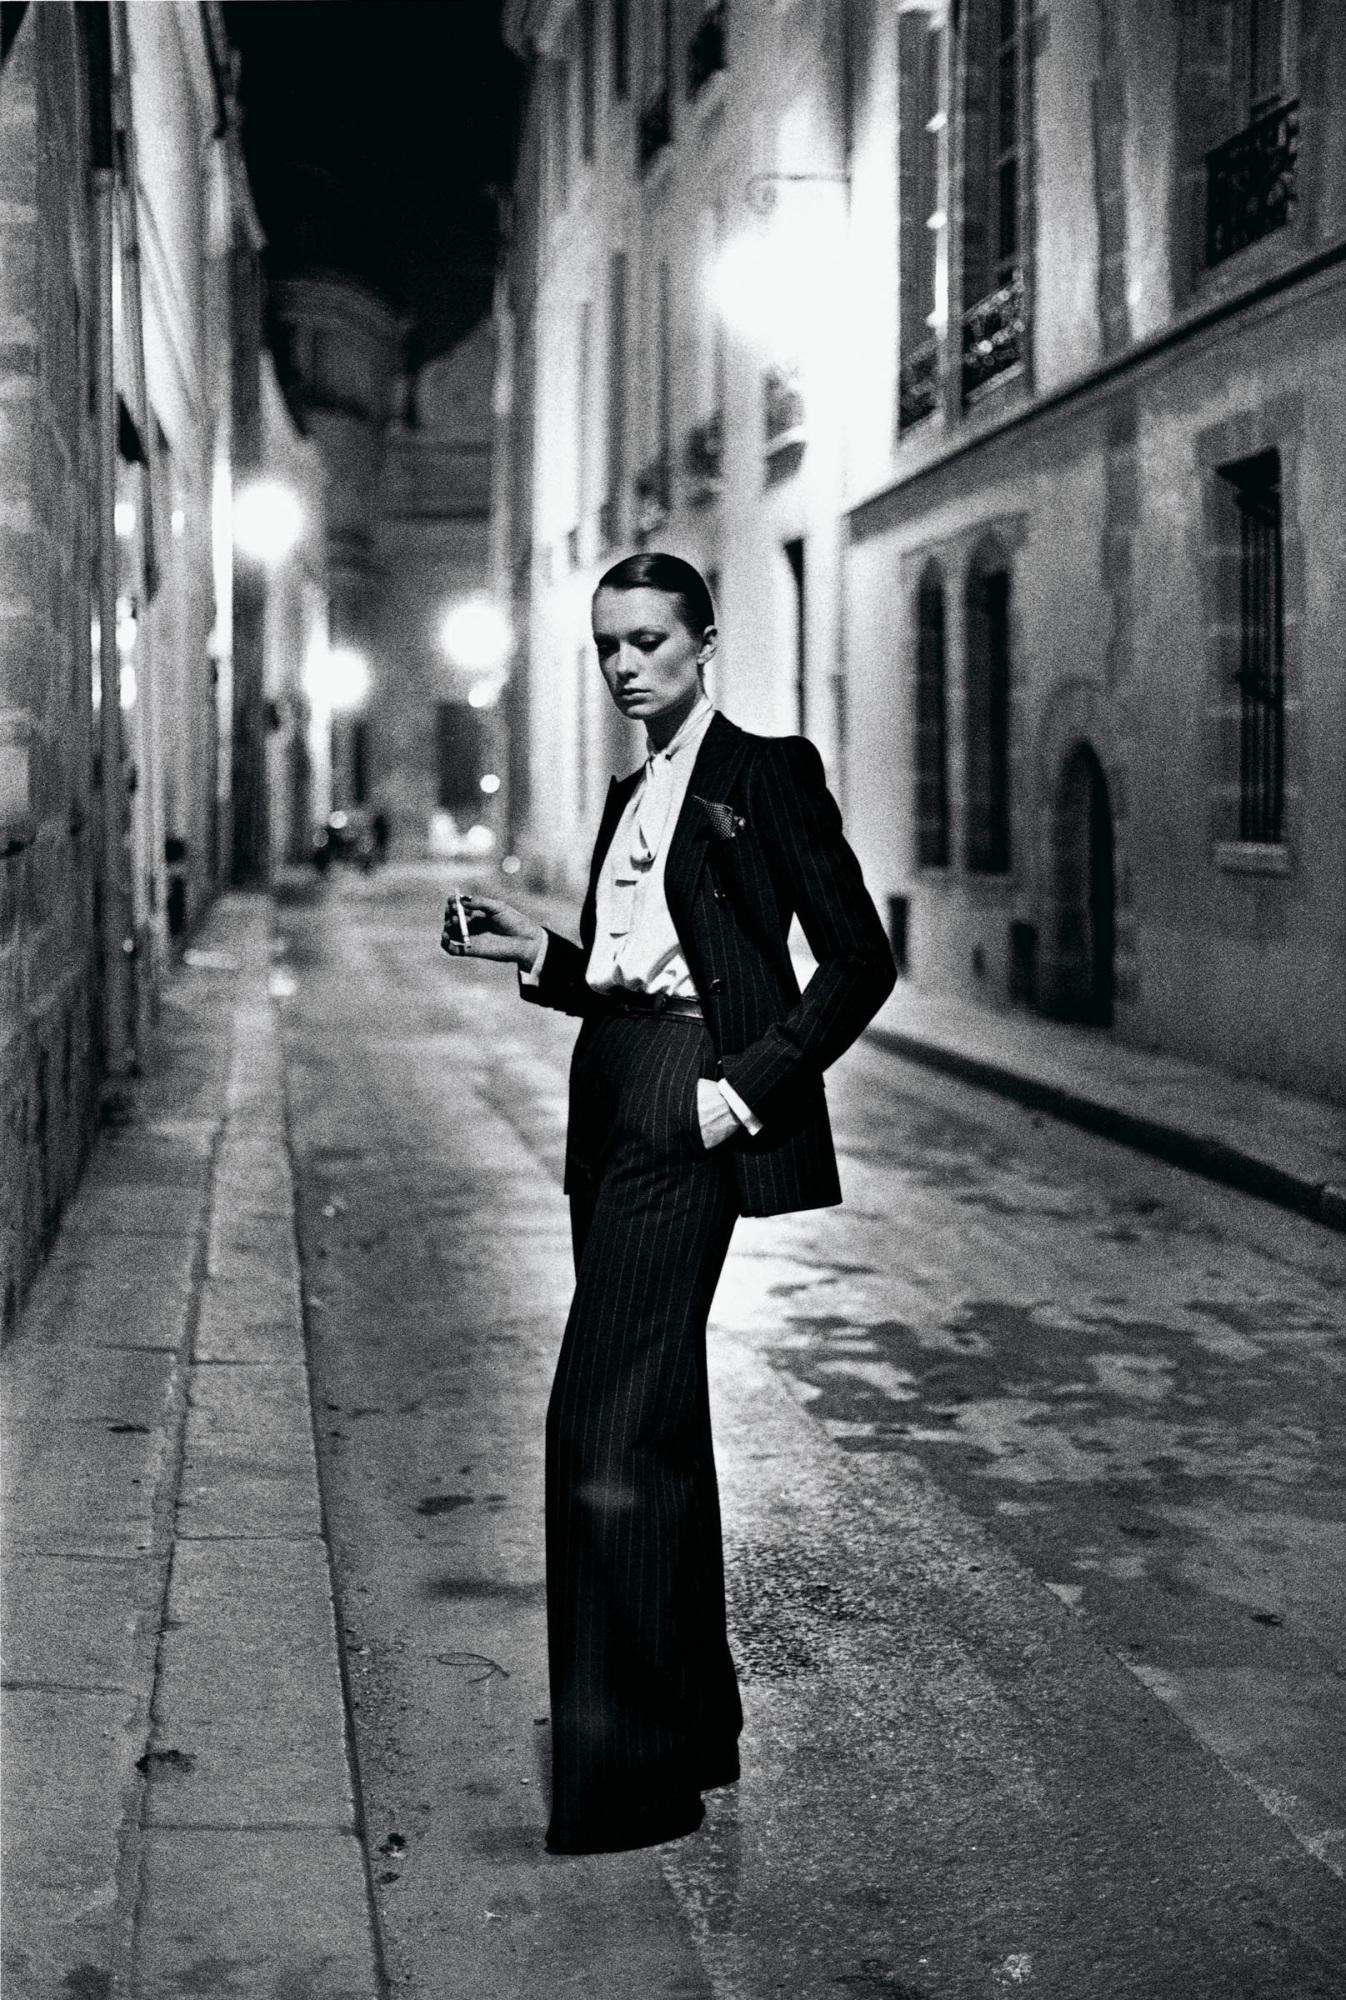 Photo: Yves Saint Laurent, French Vogue, Rue Aubriot, Paris 1975 © Helmut Newton / Helmut Newton Estate